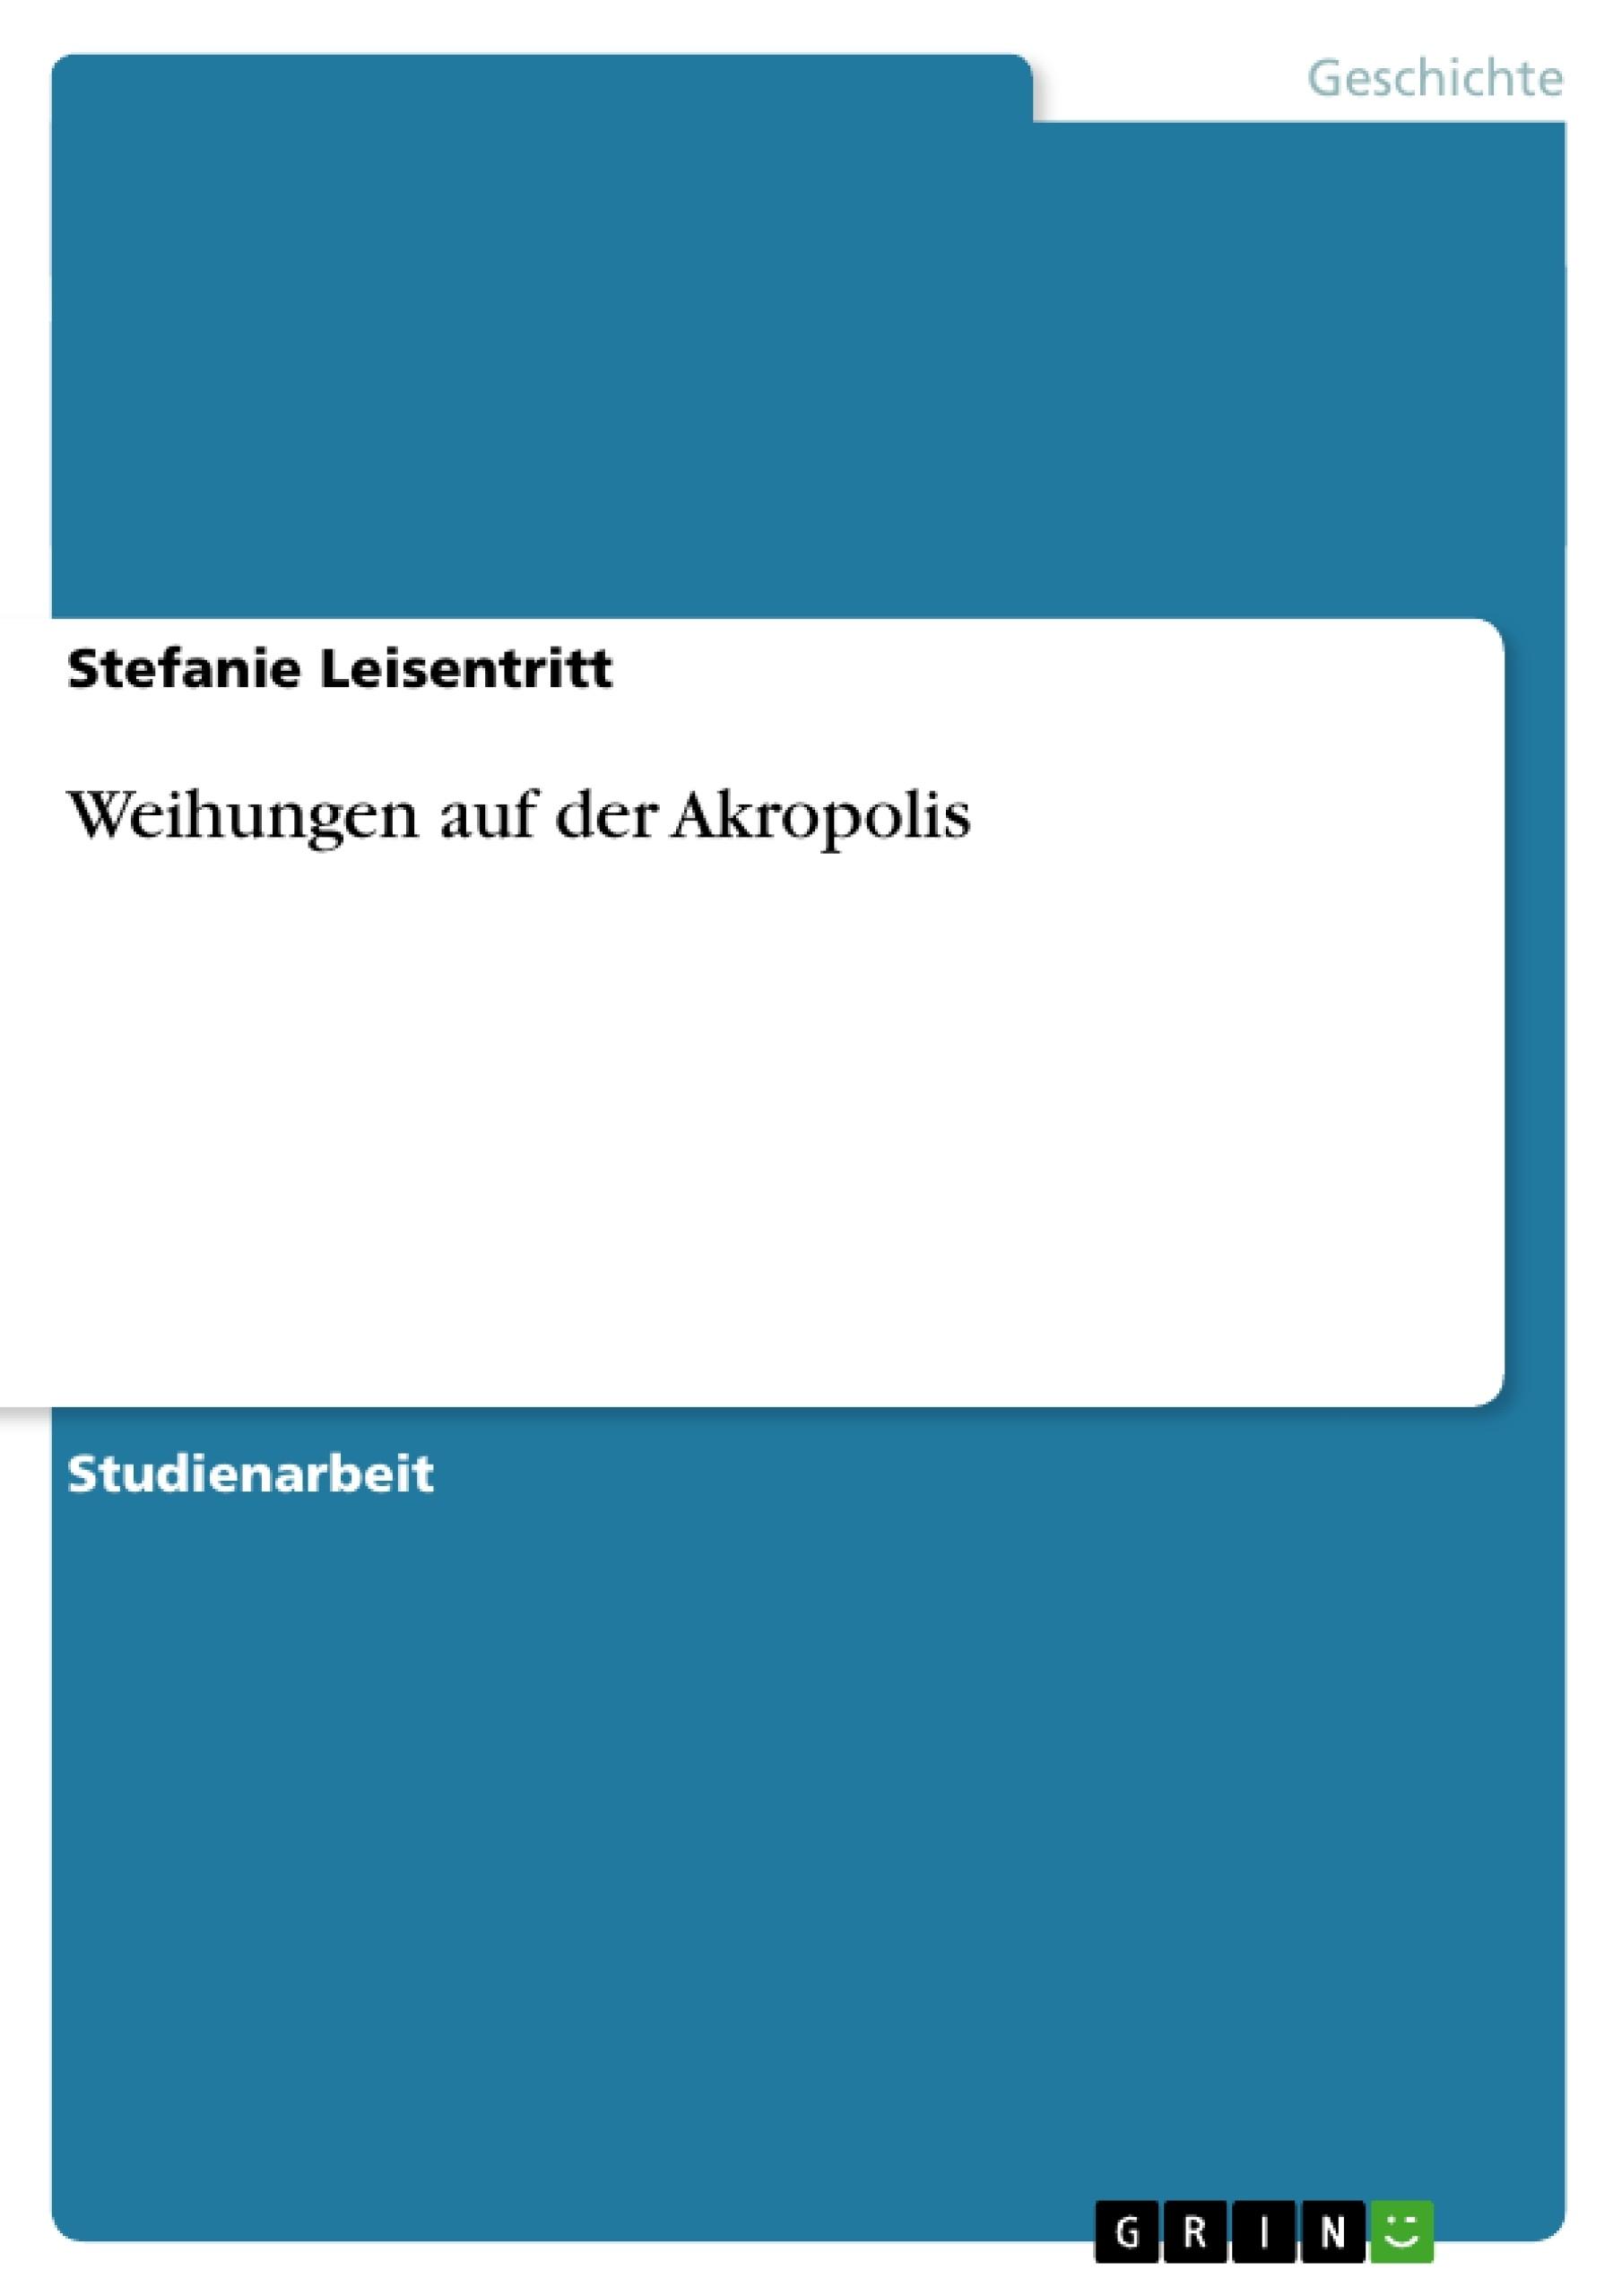 Titel: Weihungen auf der Akropolis